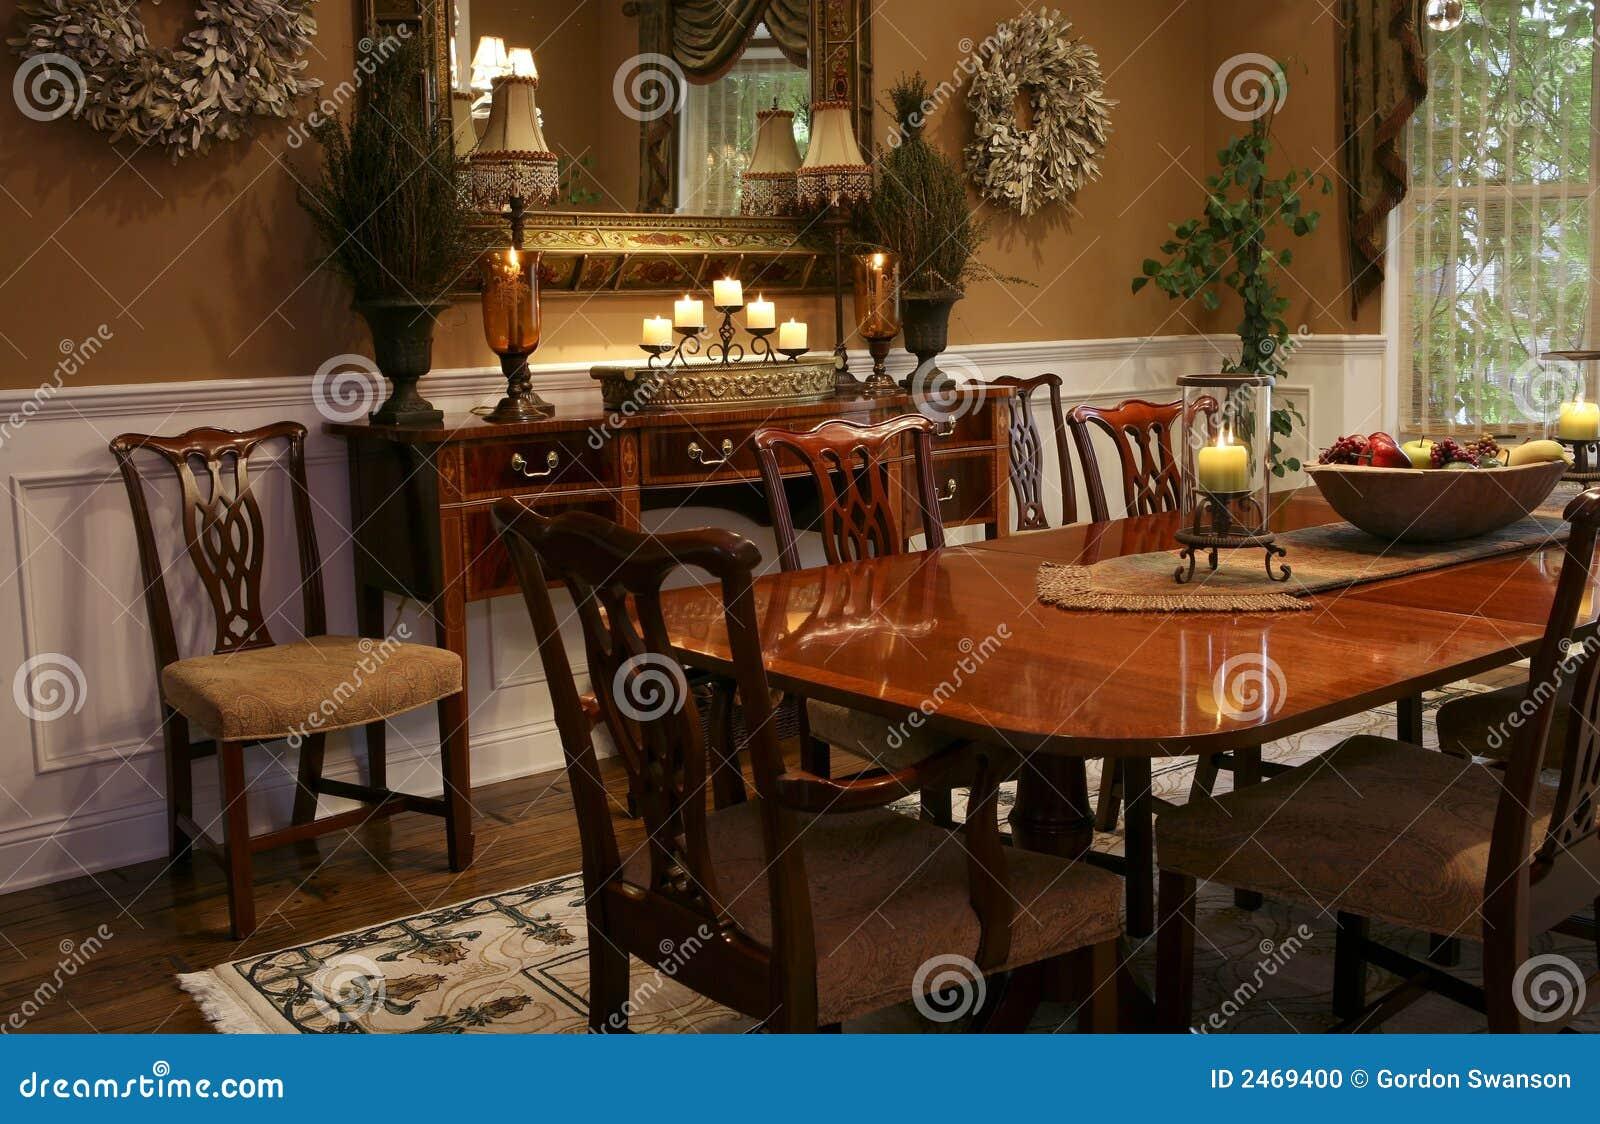 Tabella Pranzante Elegante Con Le Candele Ed Il Cestino Di Frutta. #81A229 1300 930 Sala Da Pranzo Rustica